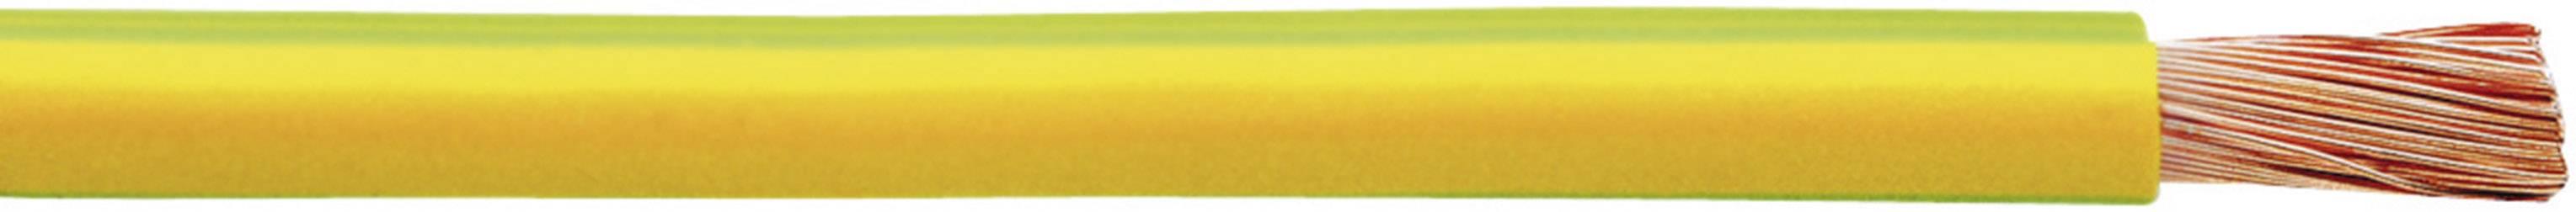 Opletenie / lanko Faber Kabel 040057 H07V-K, 1 x 2.50 mm², vonkajší Ø 3.40 mm, 100 m, červená